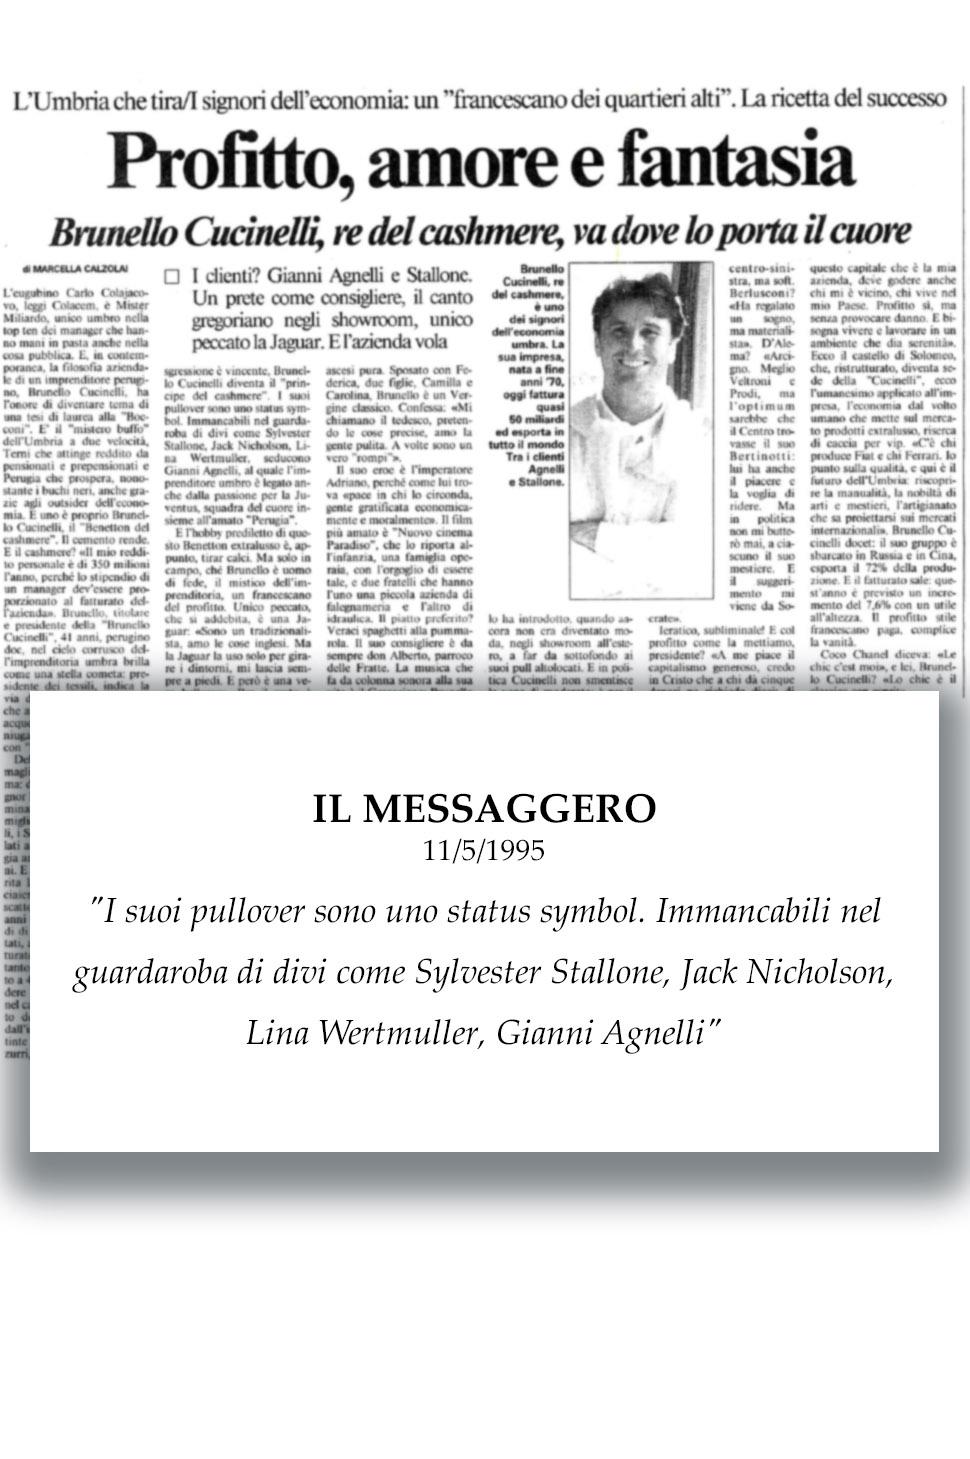 1995 Il Messaggero